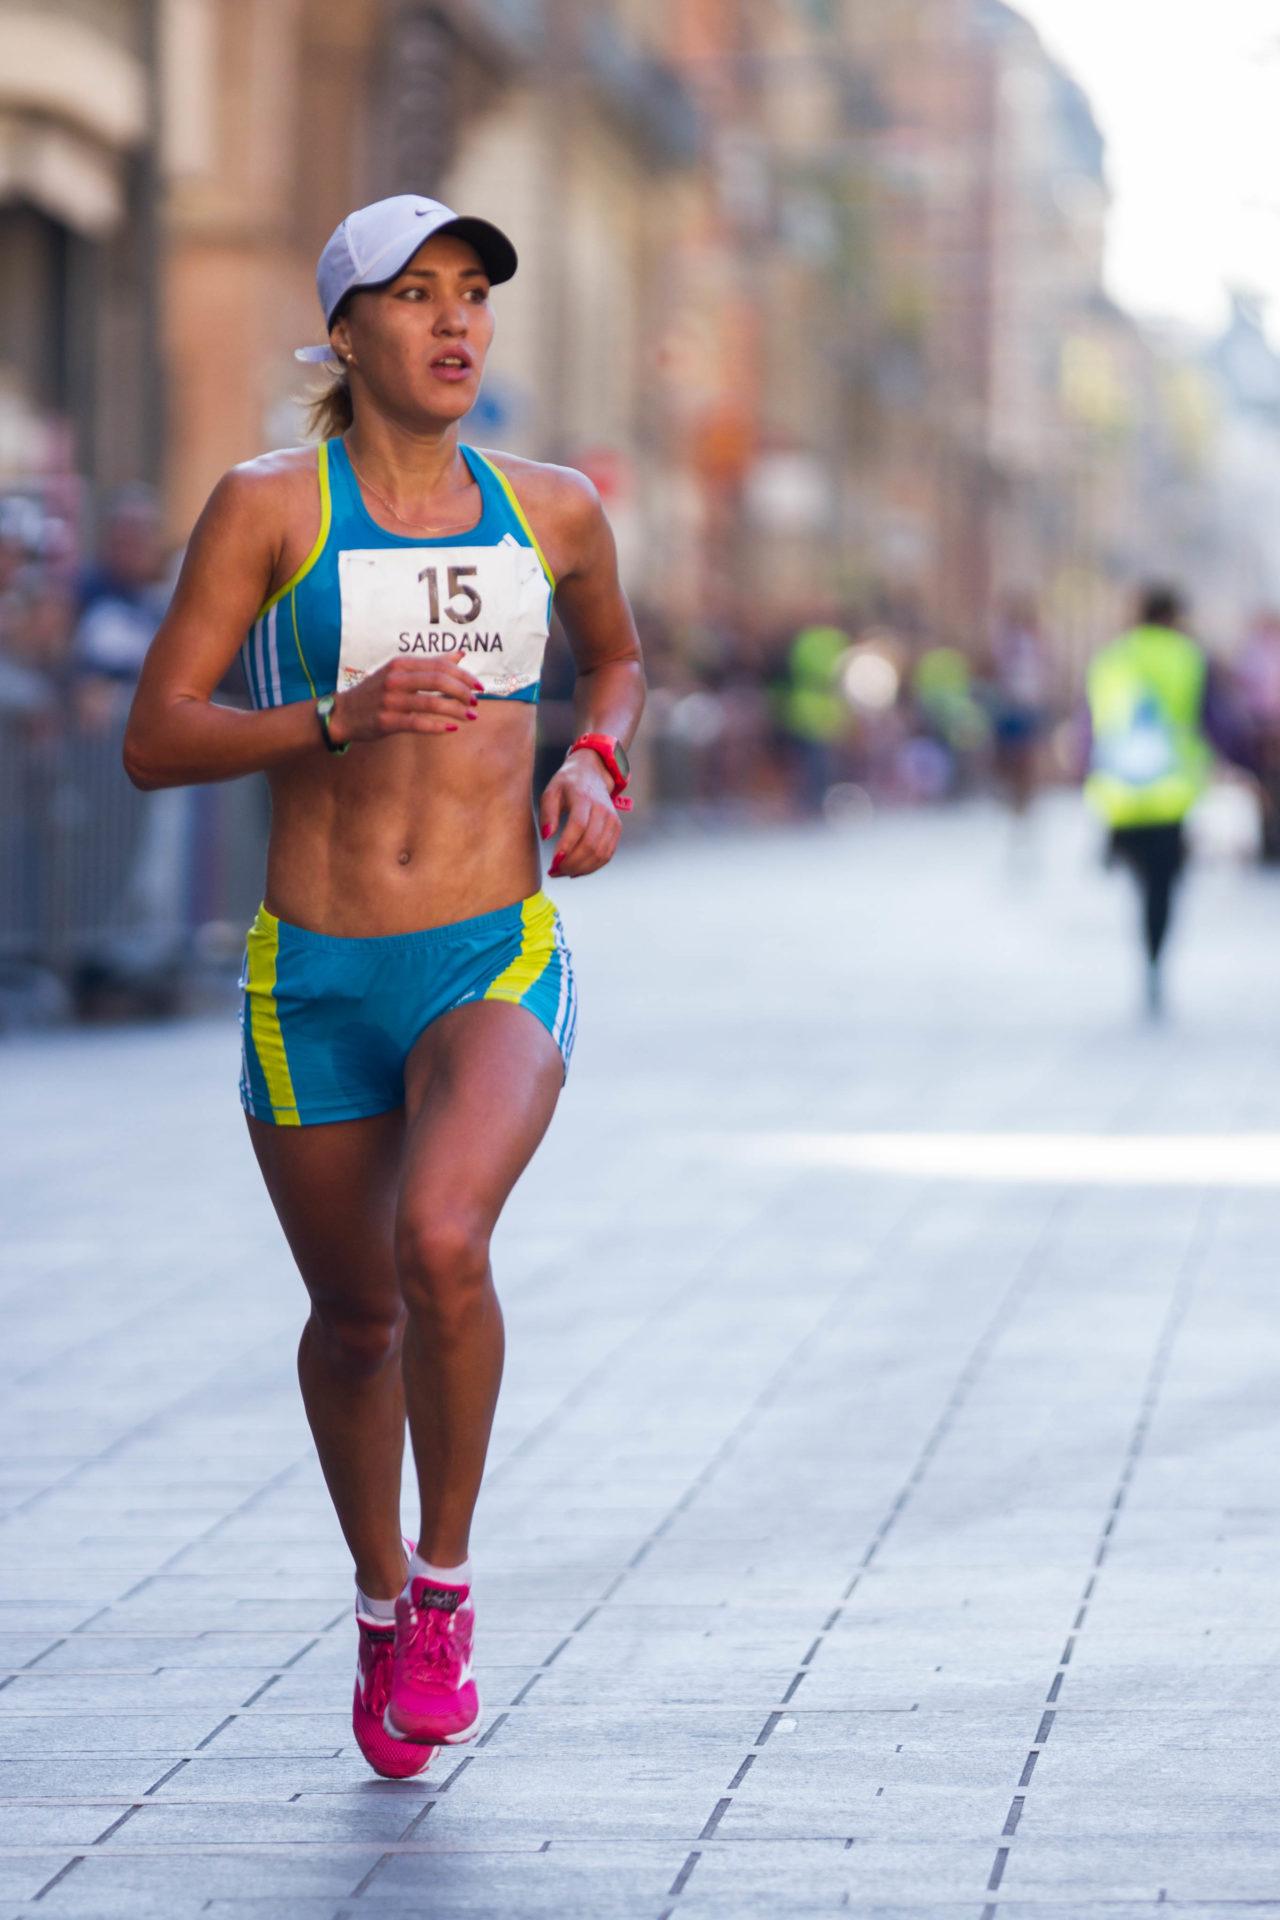 Бегунья Сардаана Трофимова представит Якутию на Чемпионате России по марафонскому бегу